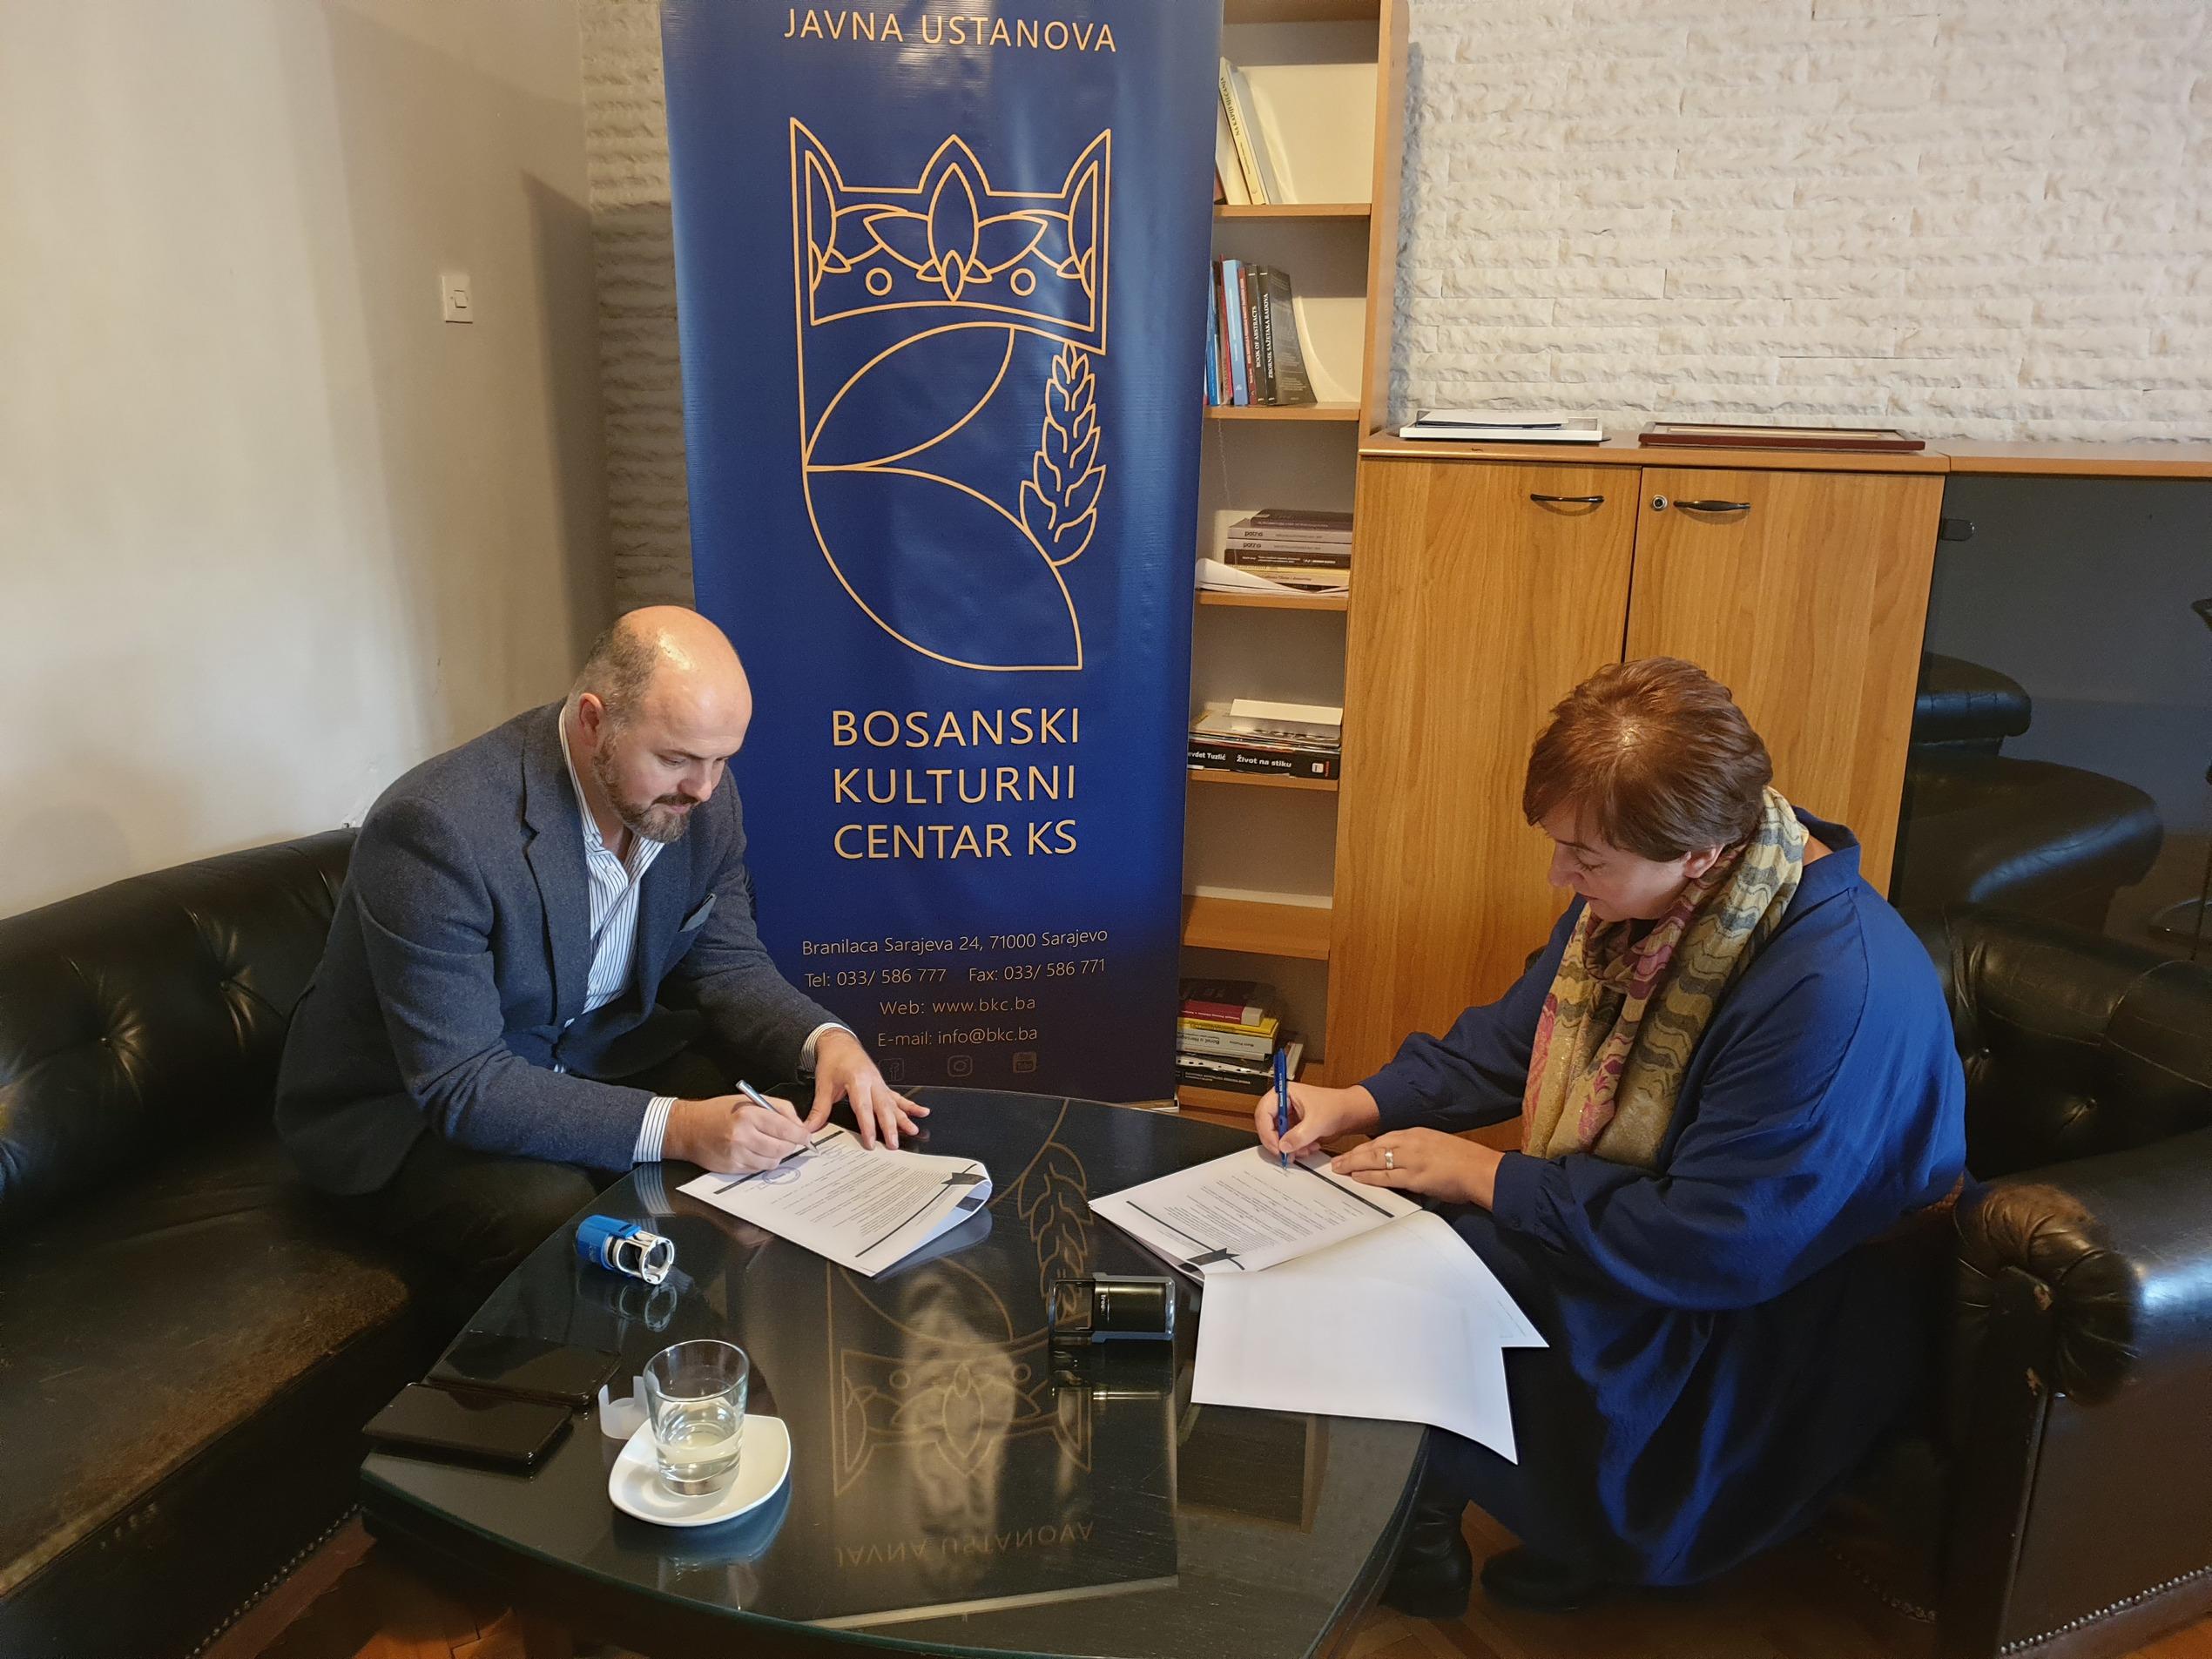 """Potpisan Protokol o saradnji između JU """"Bosanski kulturni centar KS"""" i Udruženja """"Mali ambasadori"""""""